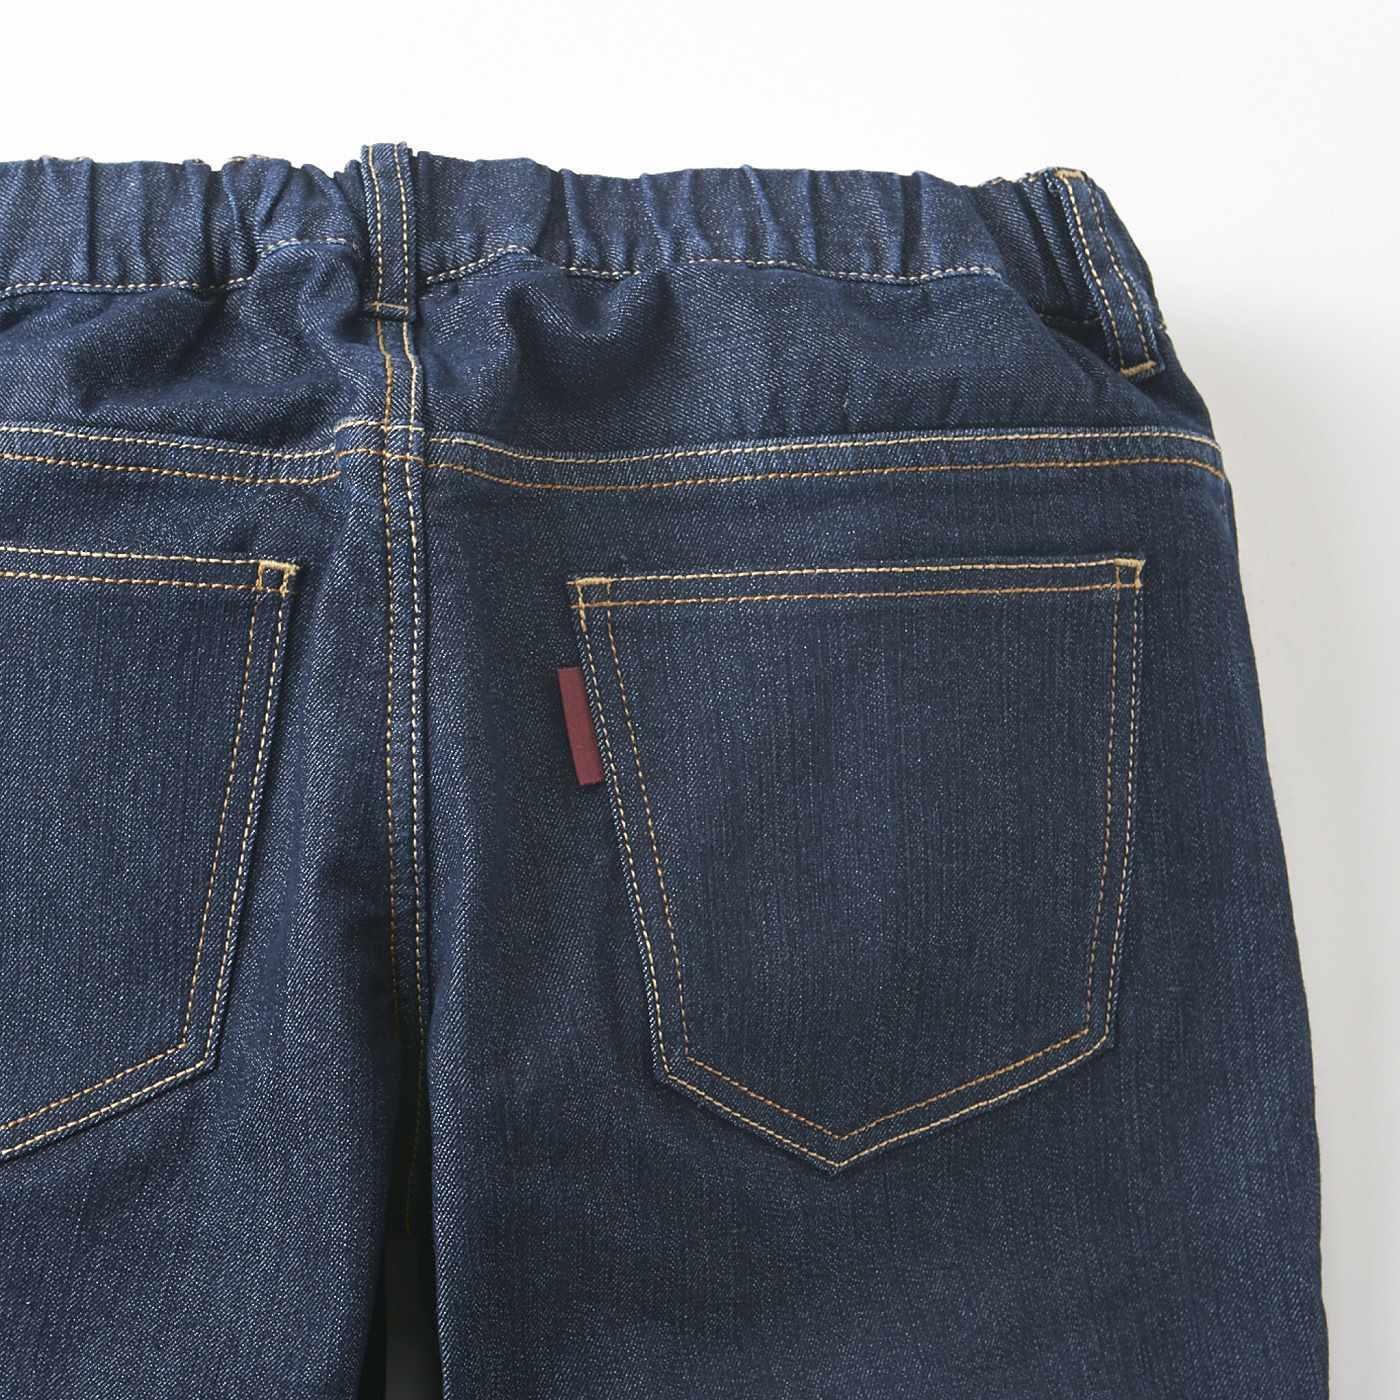 ウエストはゴム仕様でらくちんなはき心地。後ろのポケットはヒップラインをカバーする位置で目隠し効果も。